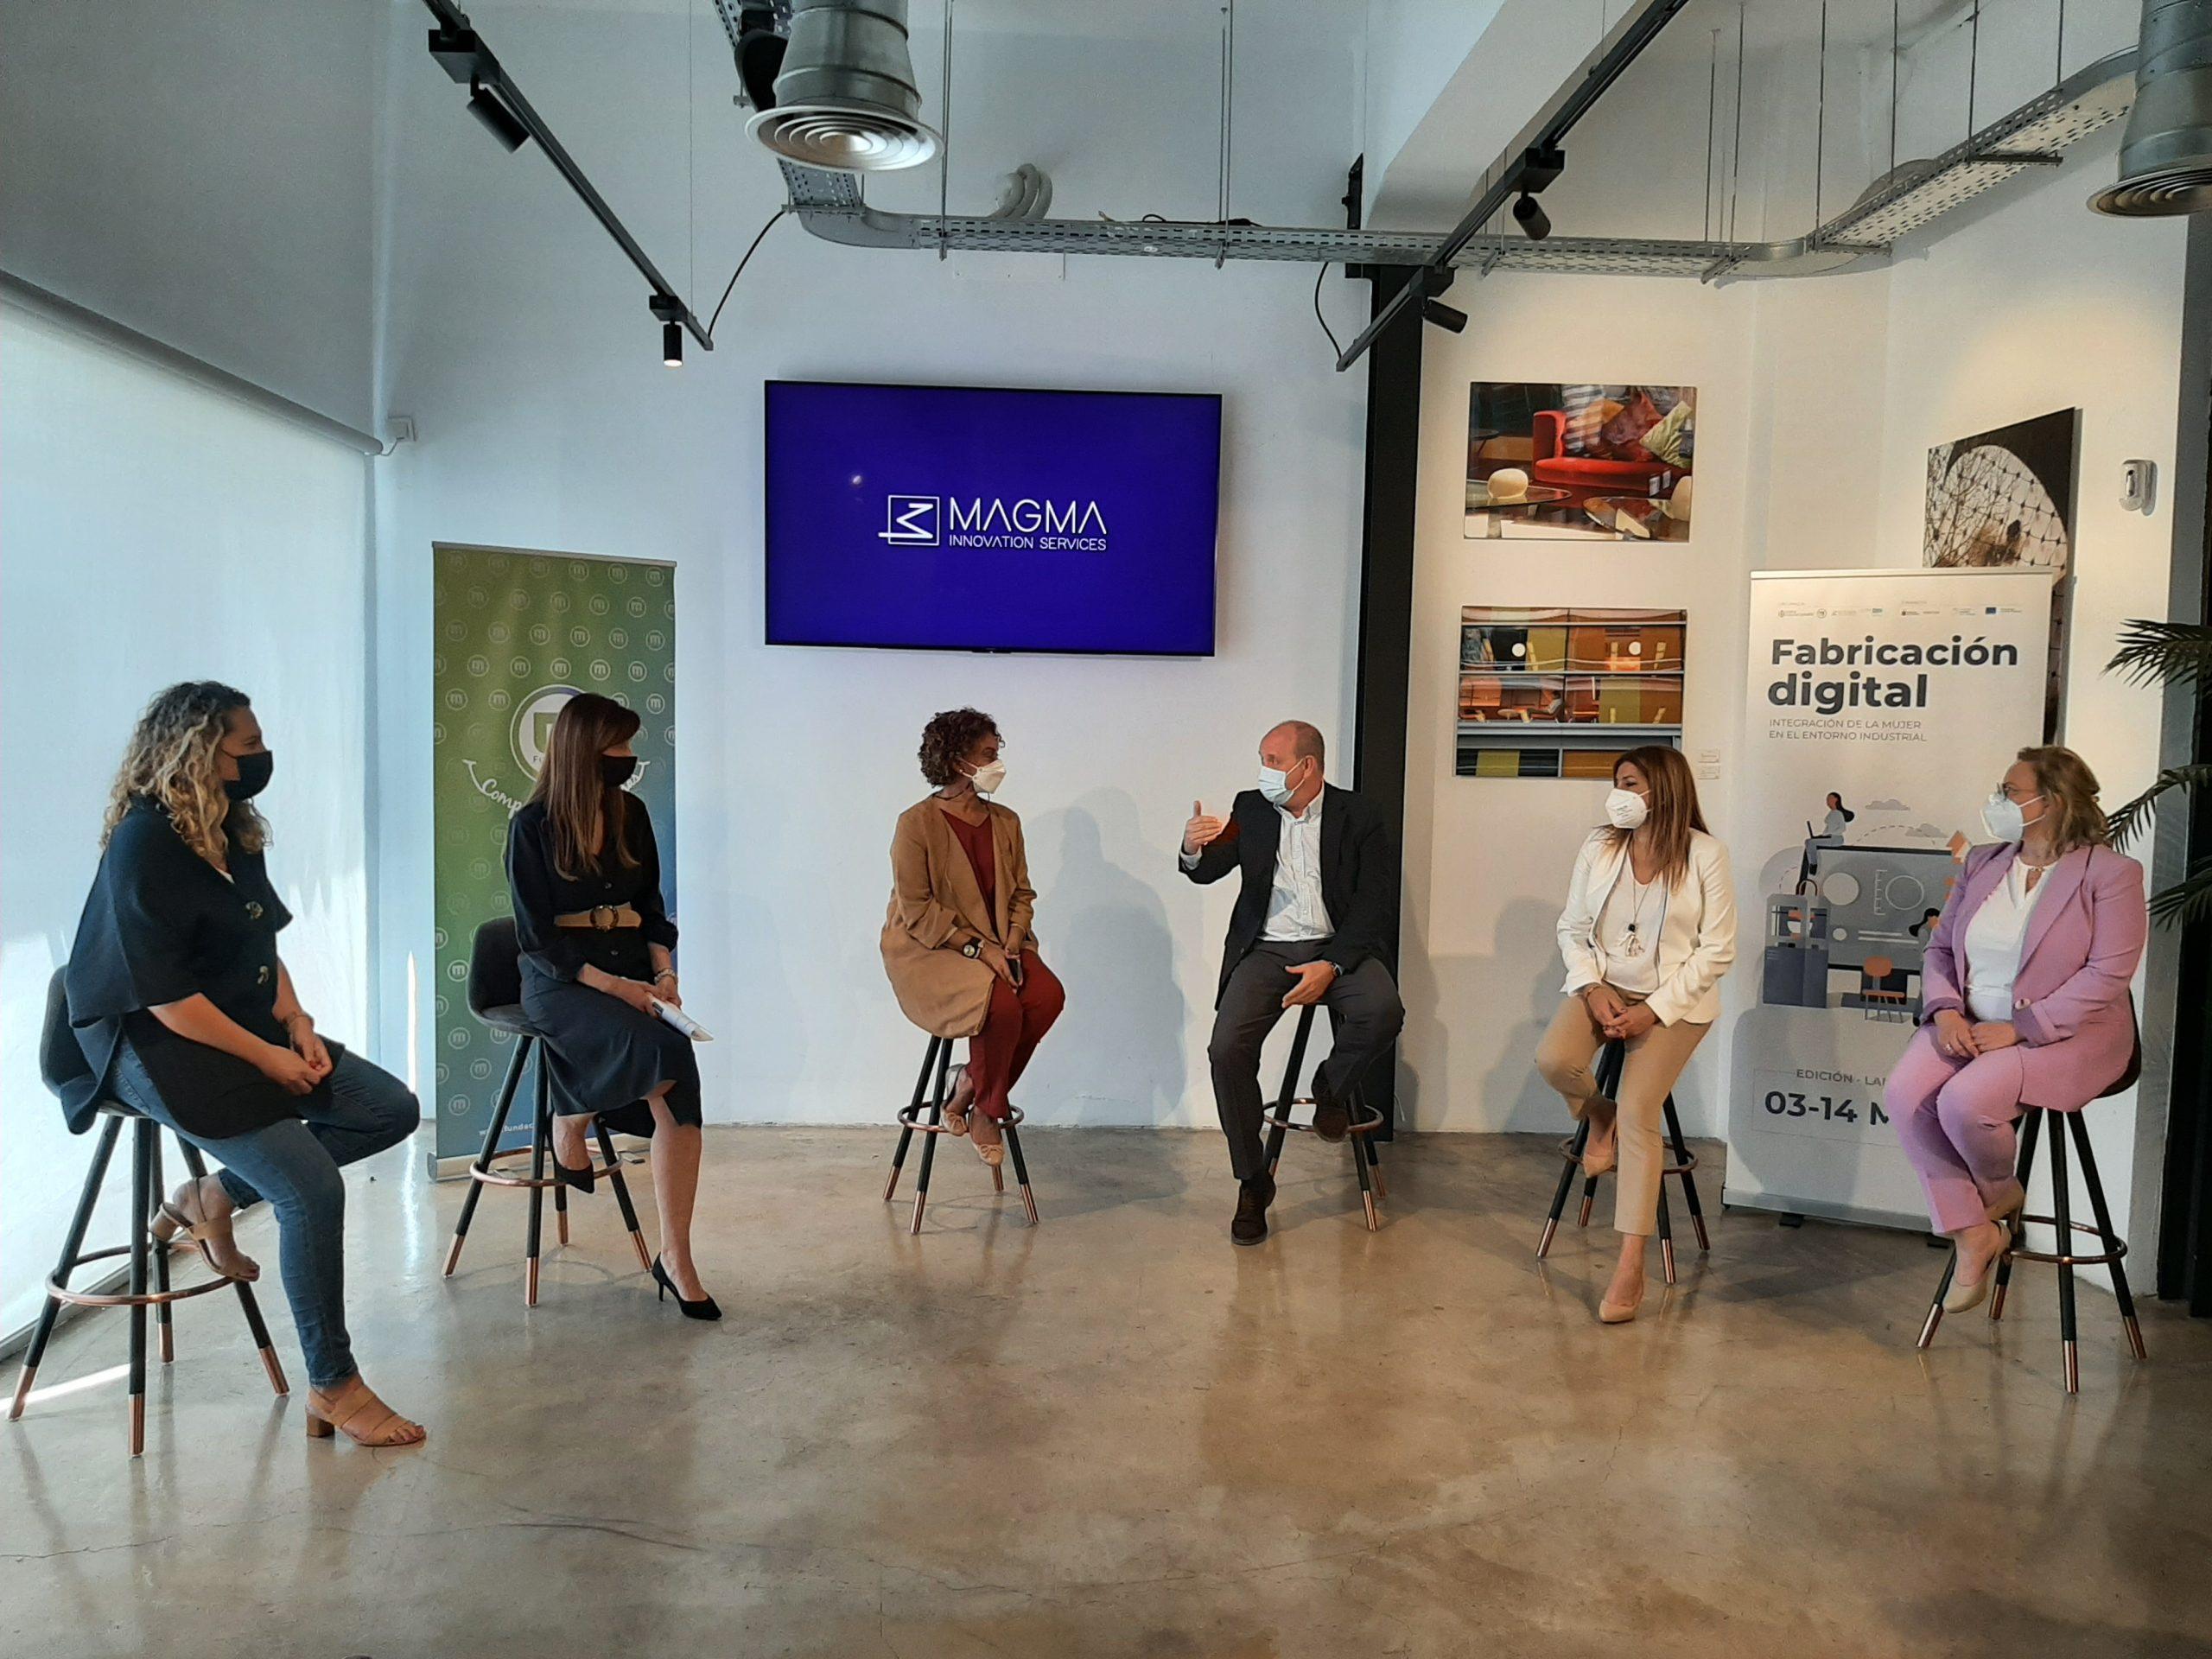 Lanzarote acogerá el primer curso sobre fabricación digital dirigido a mejorar las competencias digitales de la mujer y la reducción de la brecha de género en el entorno industrial